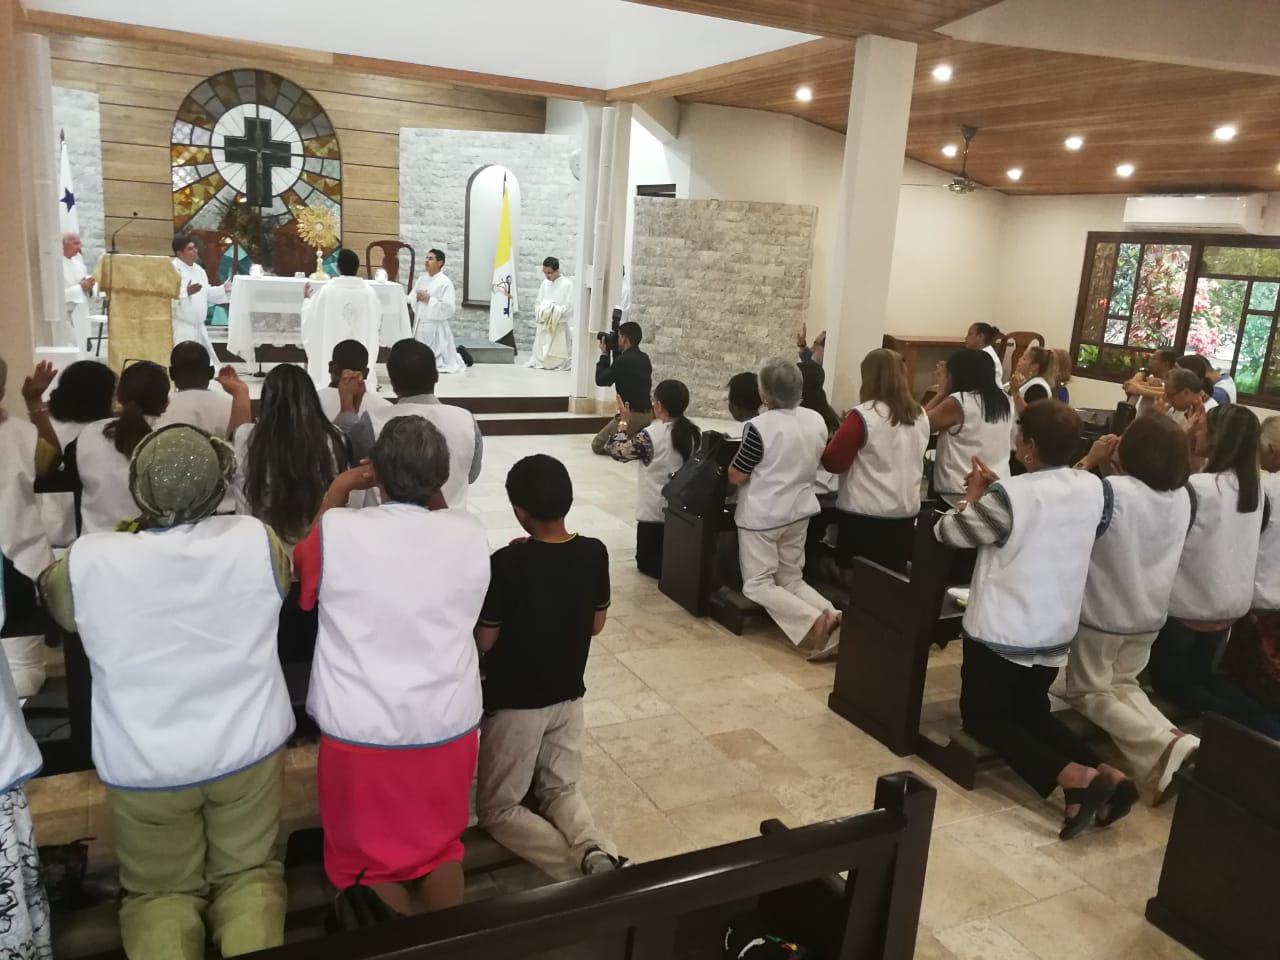 Consagración y entrega de chalecos a voluntarios  de la Capellanía dedicada al servicio hospitalario